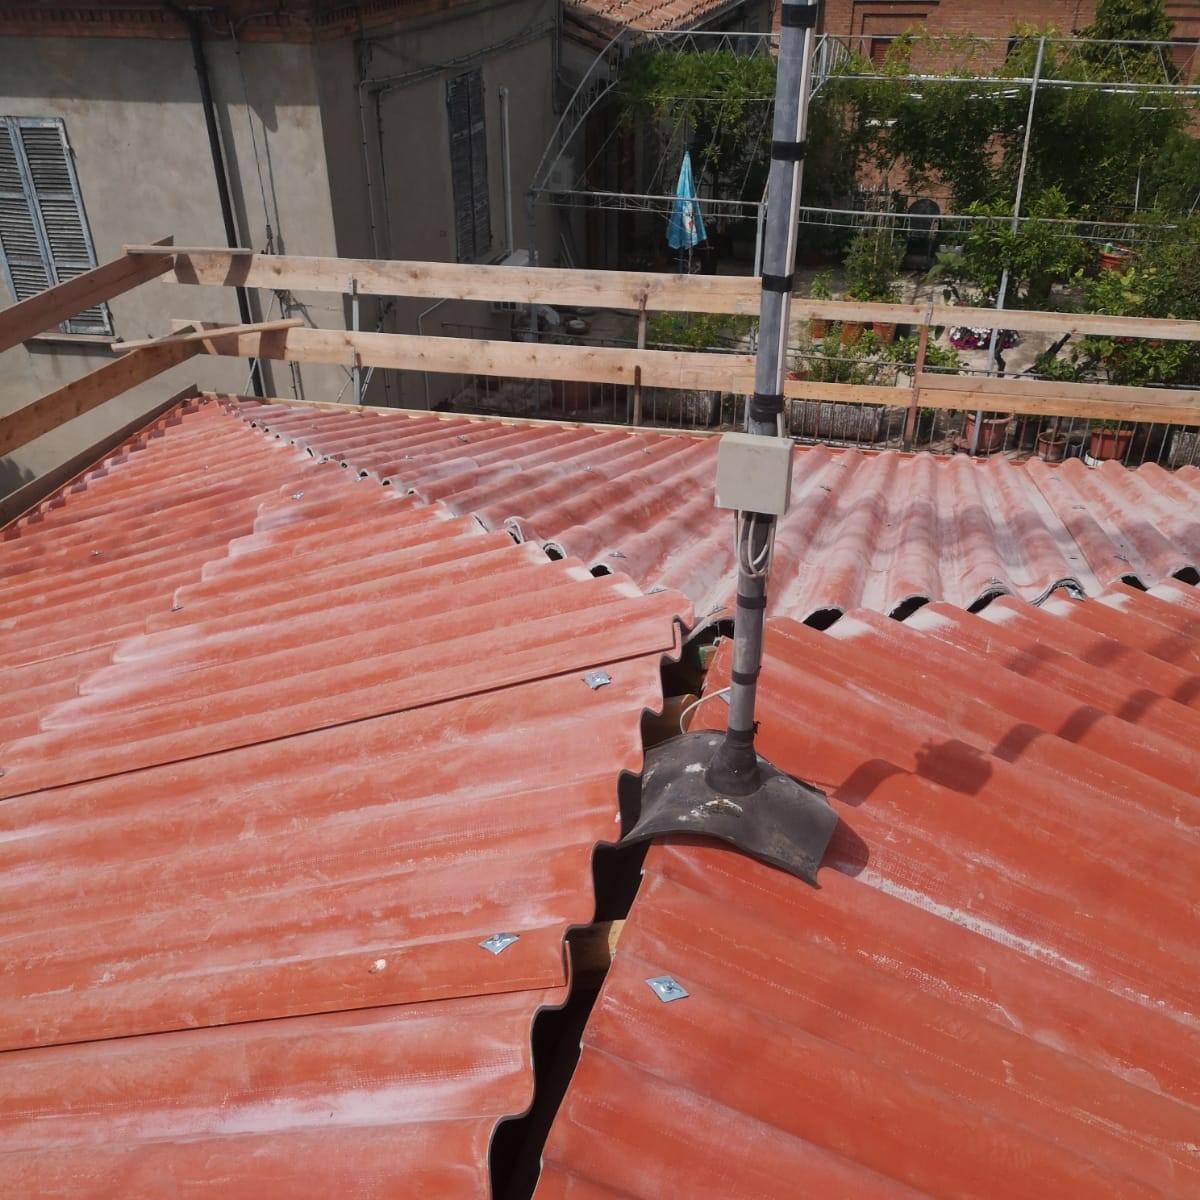 Lavori tetto Palazzina foto aggiunte (2)